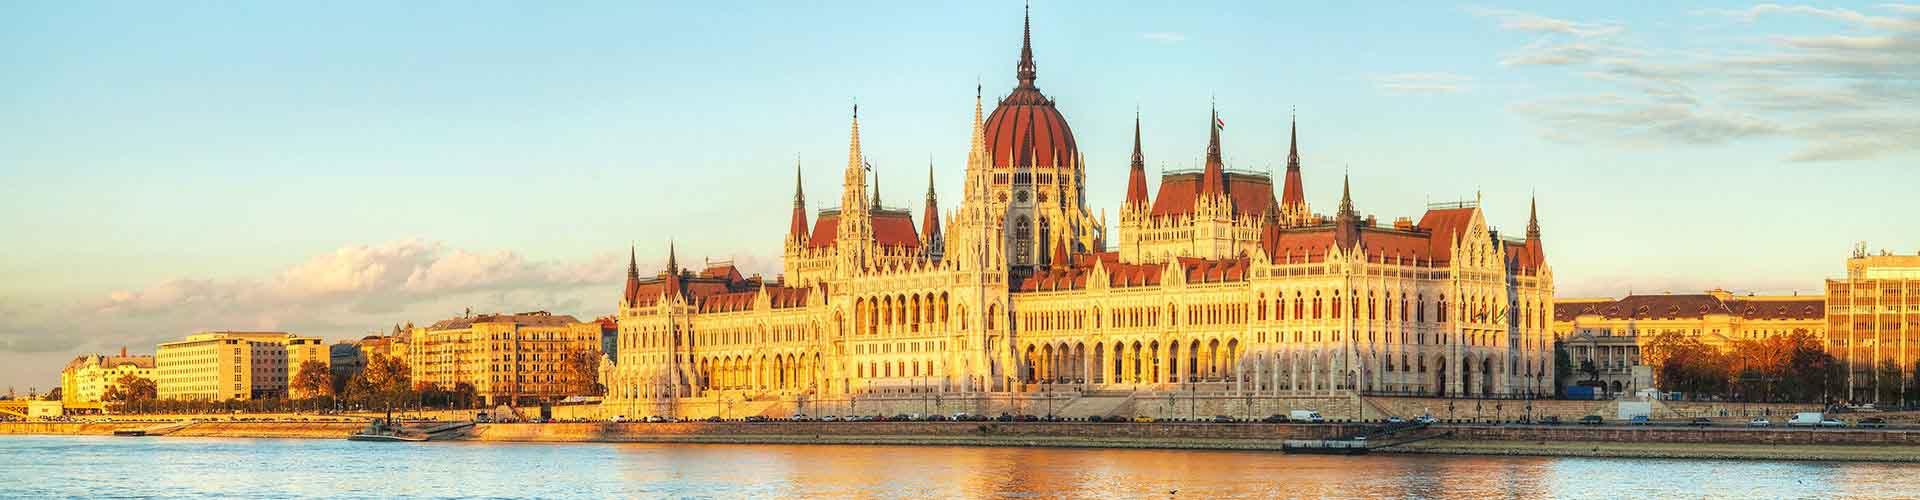 Budapeszt - Schroniska Młodzieżowe w mieście Budapeszt, Mapy dla miasta Budapeszt, Zdjęcia i Recenzje dla każdego Schroniska Młodzieżowego w mieście Budapeszt.